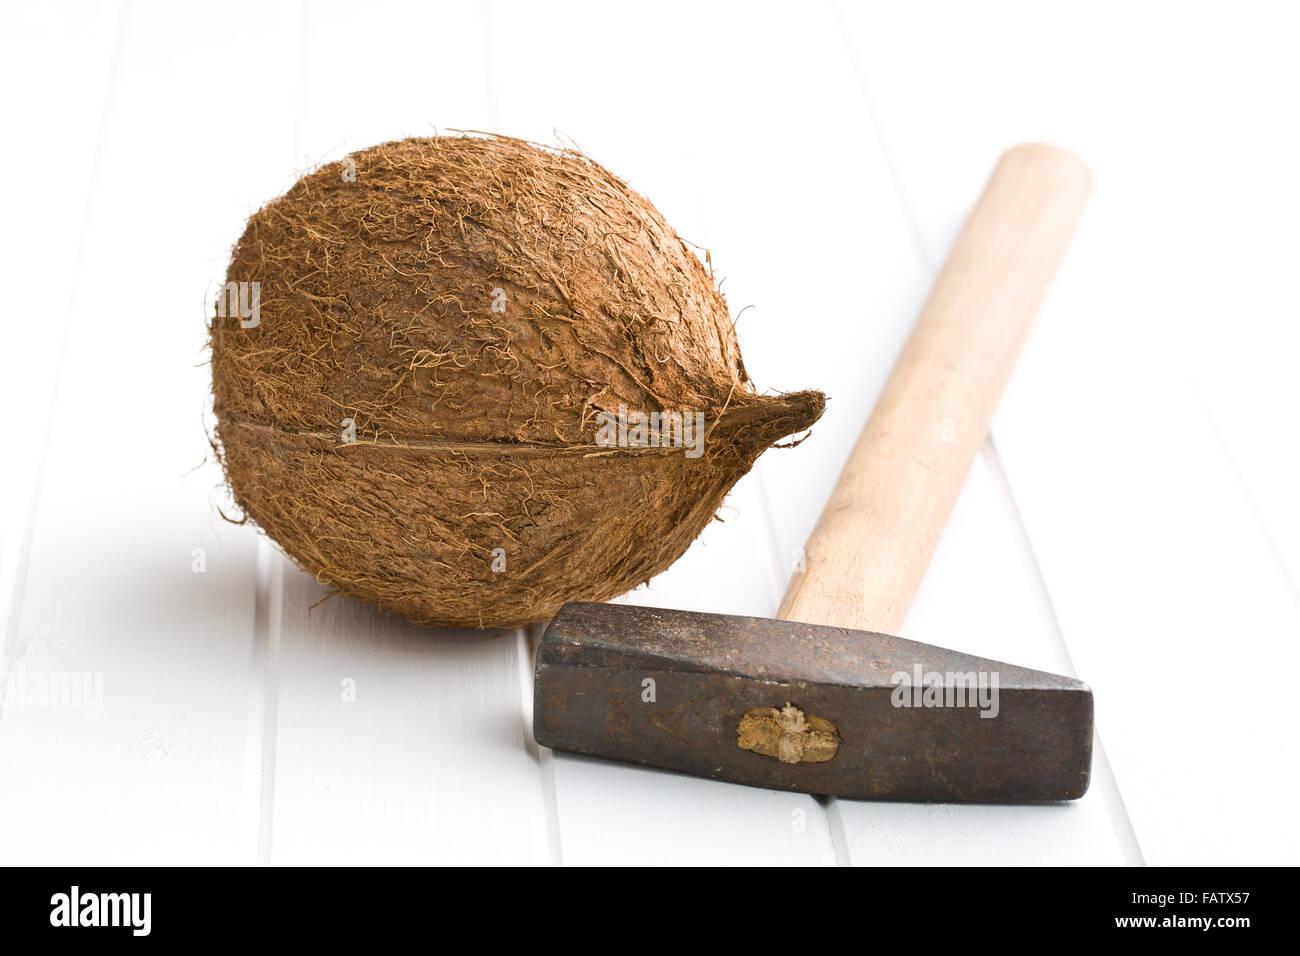 Todo el coco y el martillo sobre el cuadro blanco Imagen De Stock